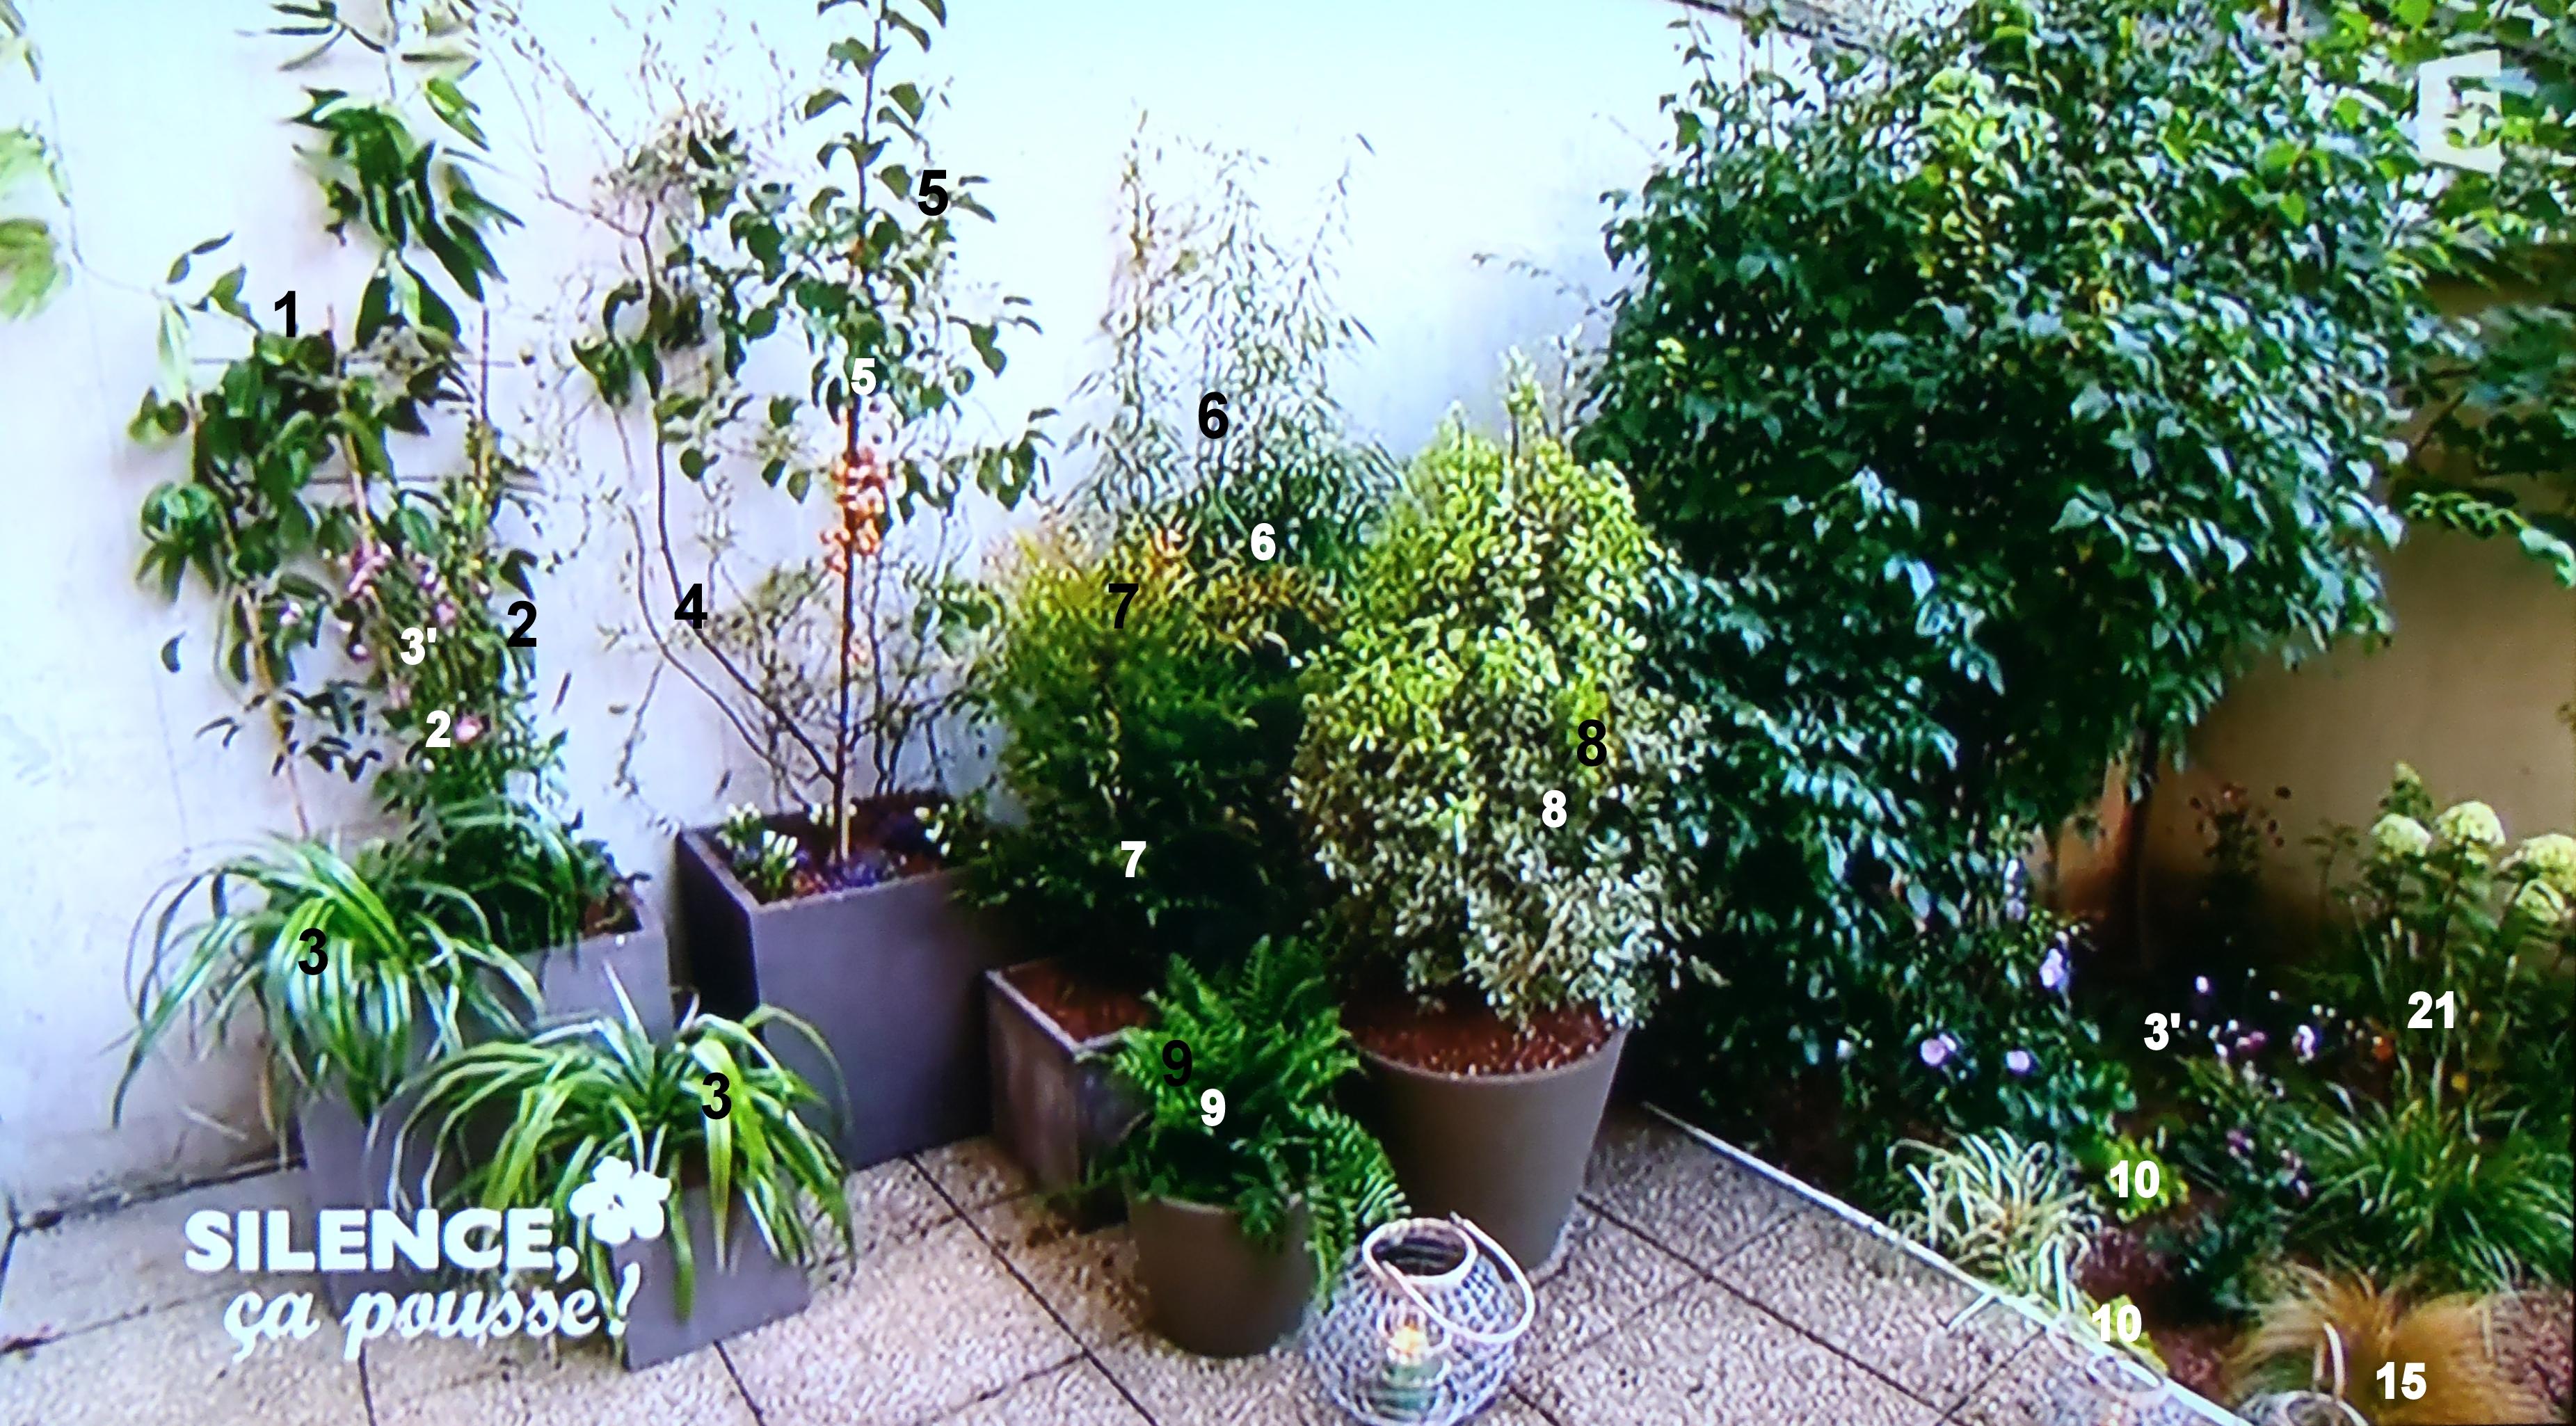 Un rez de jardin parisien raffin pas de panique d cryptage de l 39 mission - Bambou en jardiniere ...